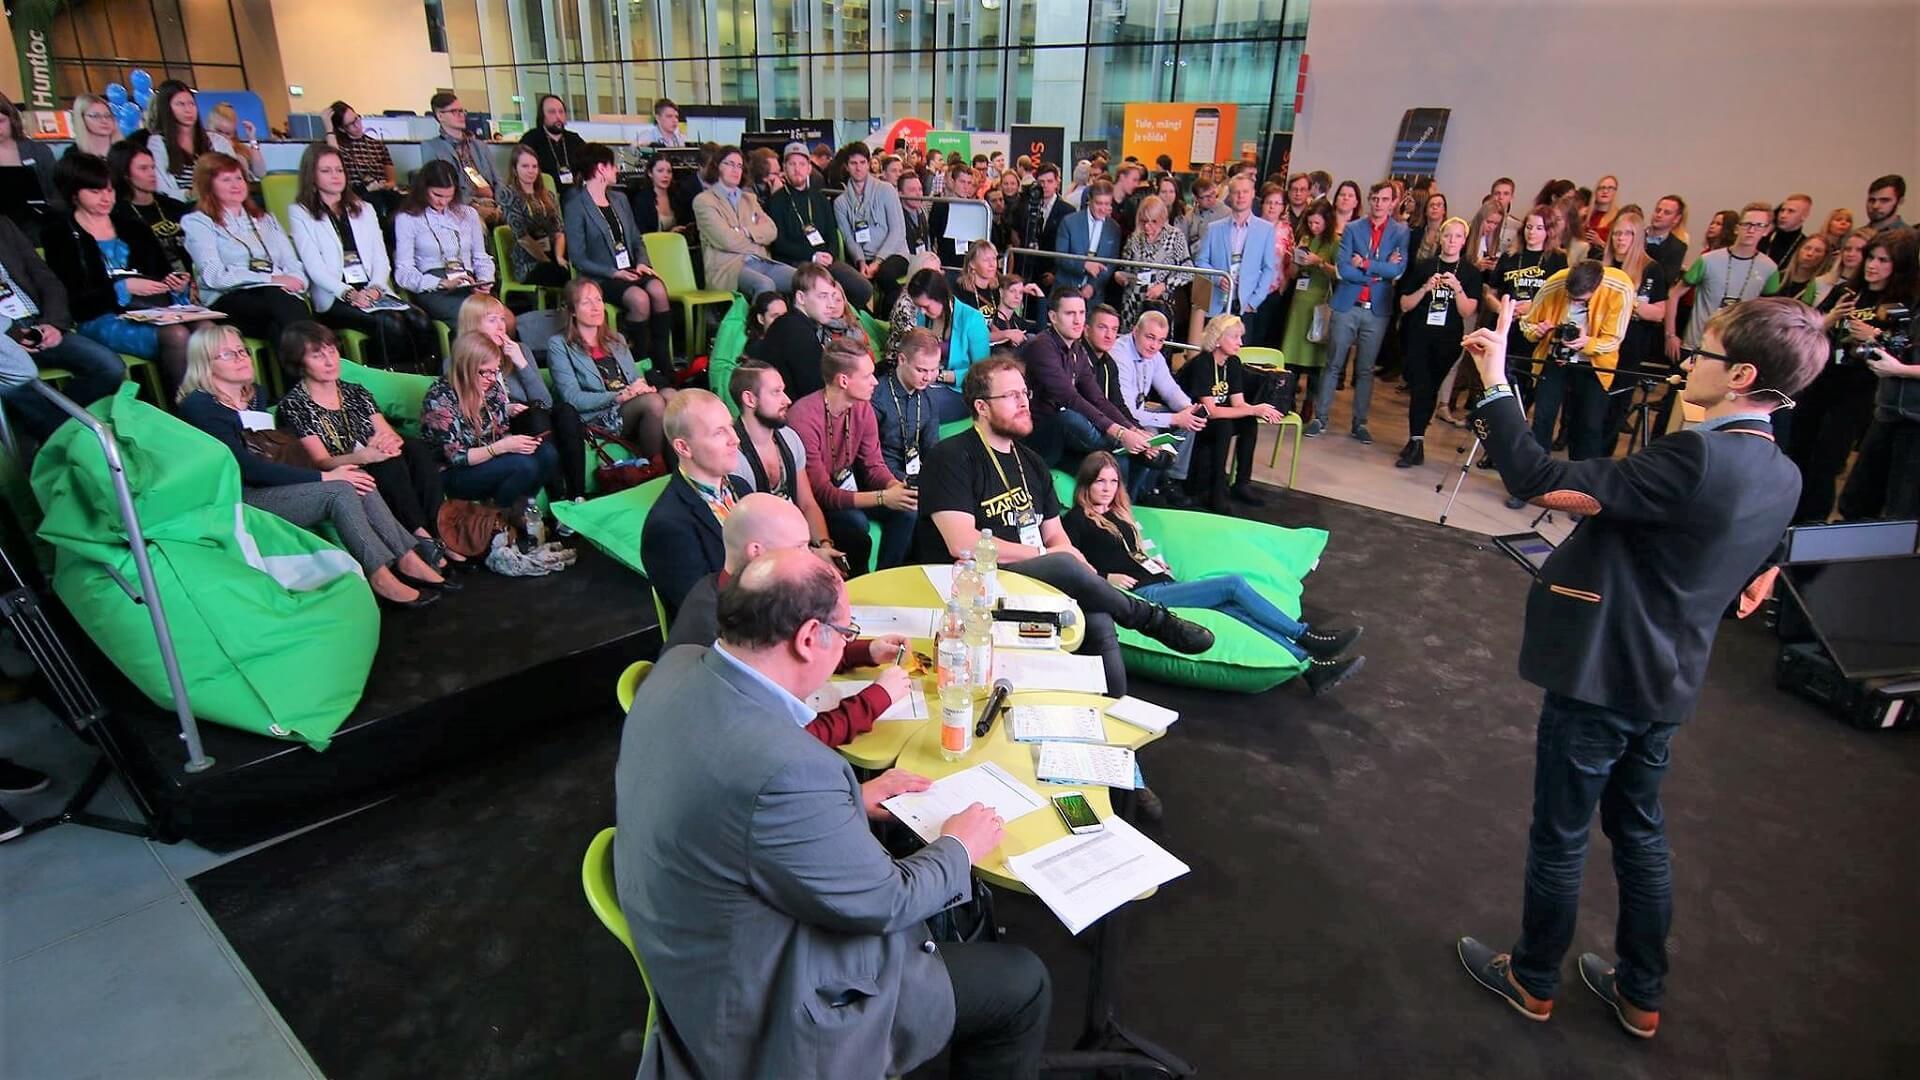 Äriidee pitchimine - kuidas esitleda enda ideed? (Avalik esinemine). Äriideede esitluse võistlus. Foto: Anton Klink